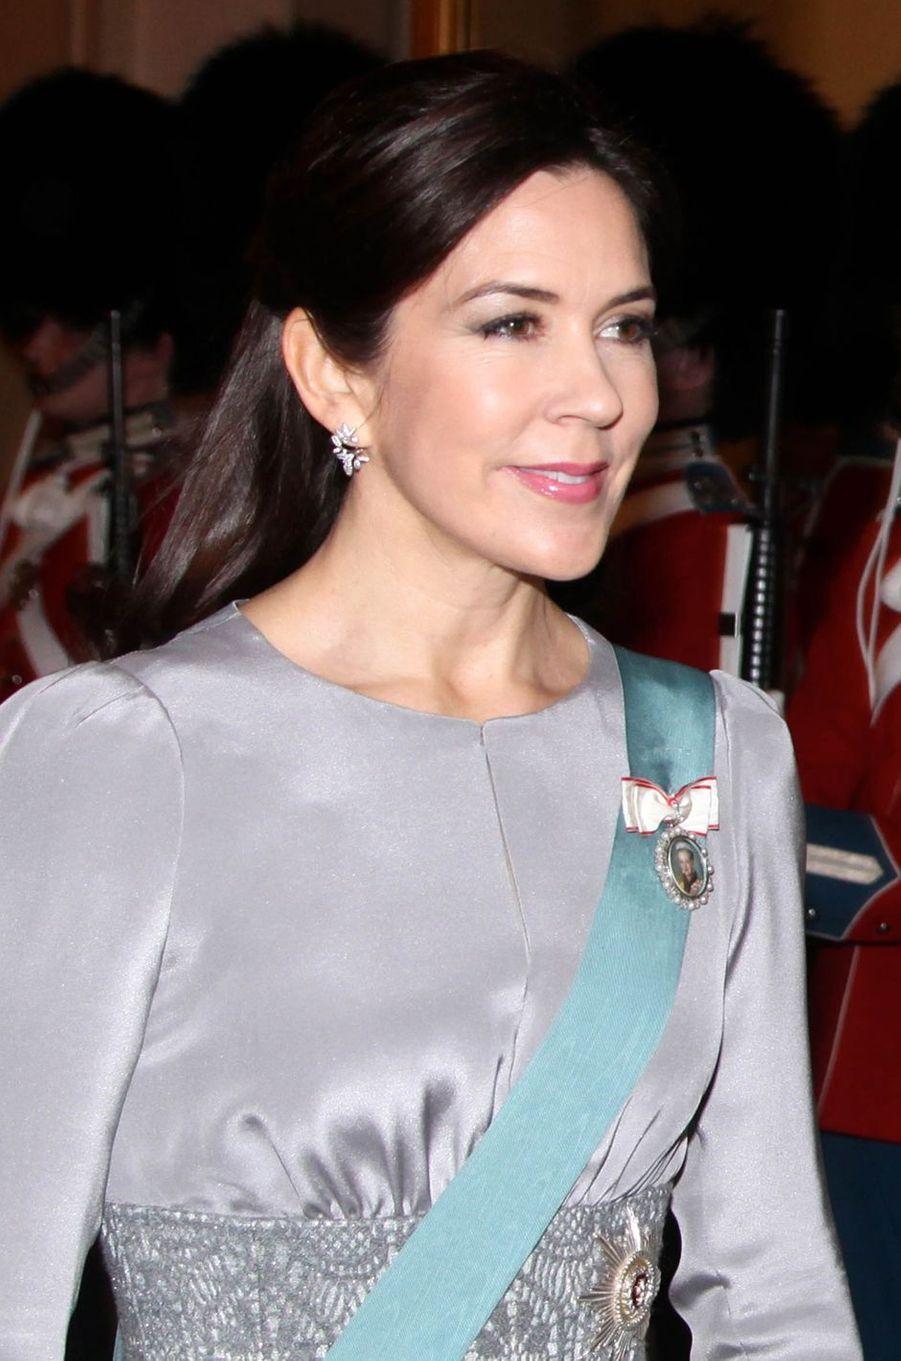 La princesse Mary de Danemark à Copenhague, le 3 janvier 2017